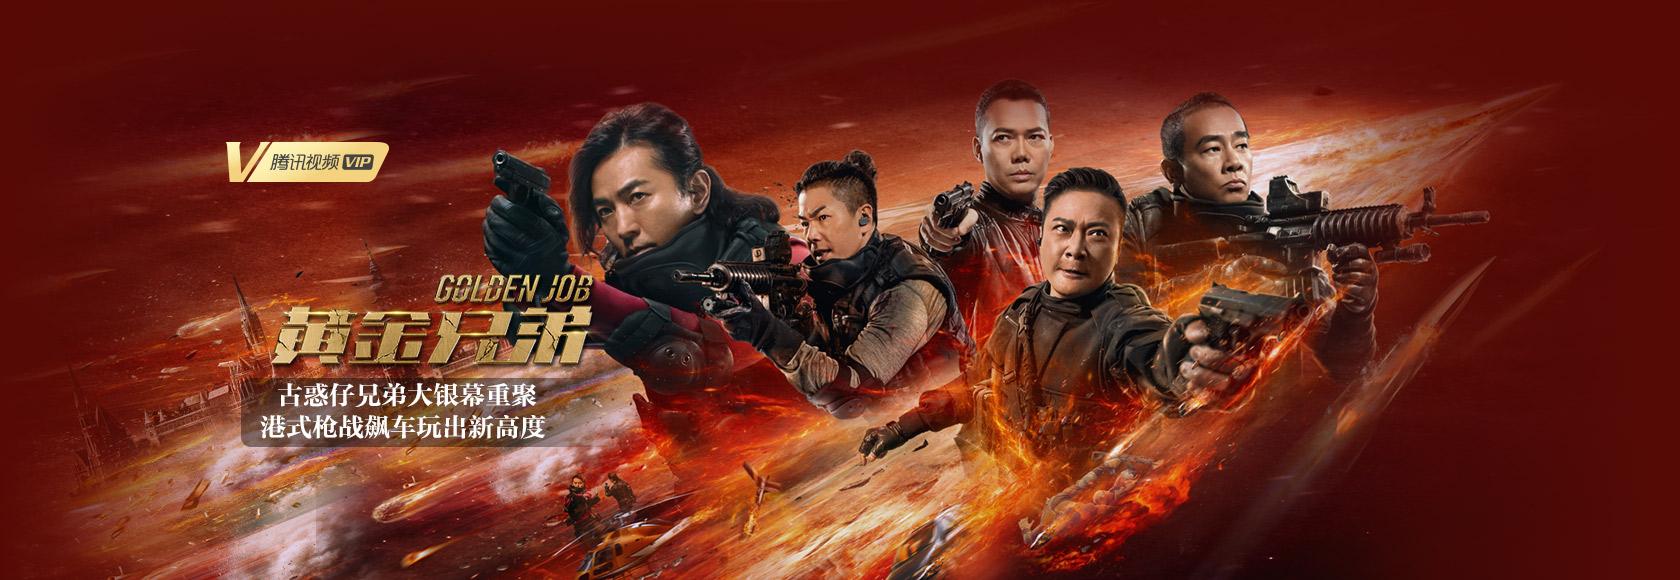 黄金兄弟 HD1280高清国语|粤语中字版